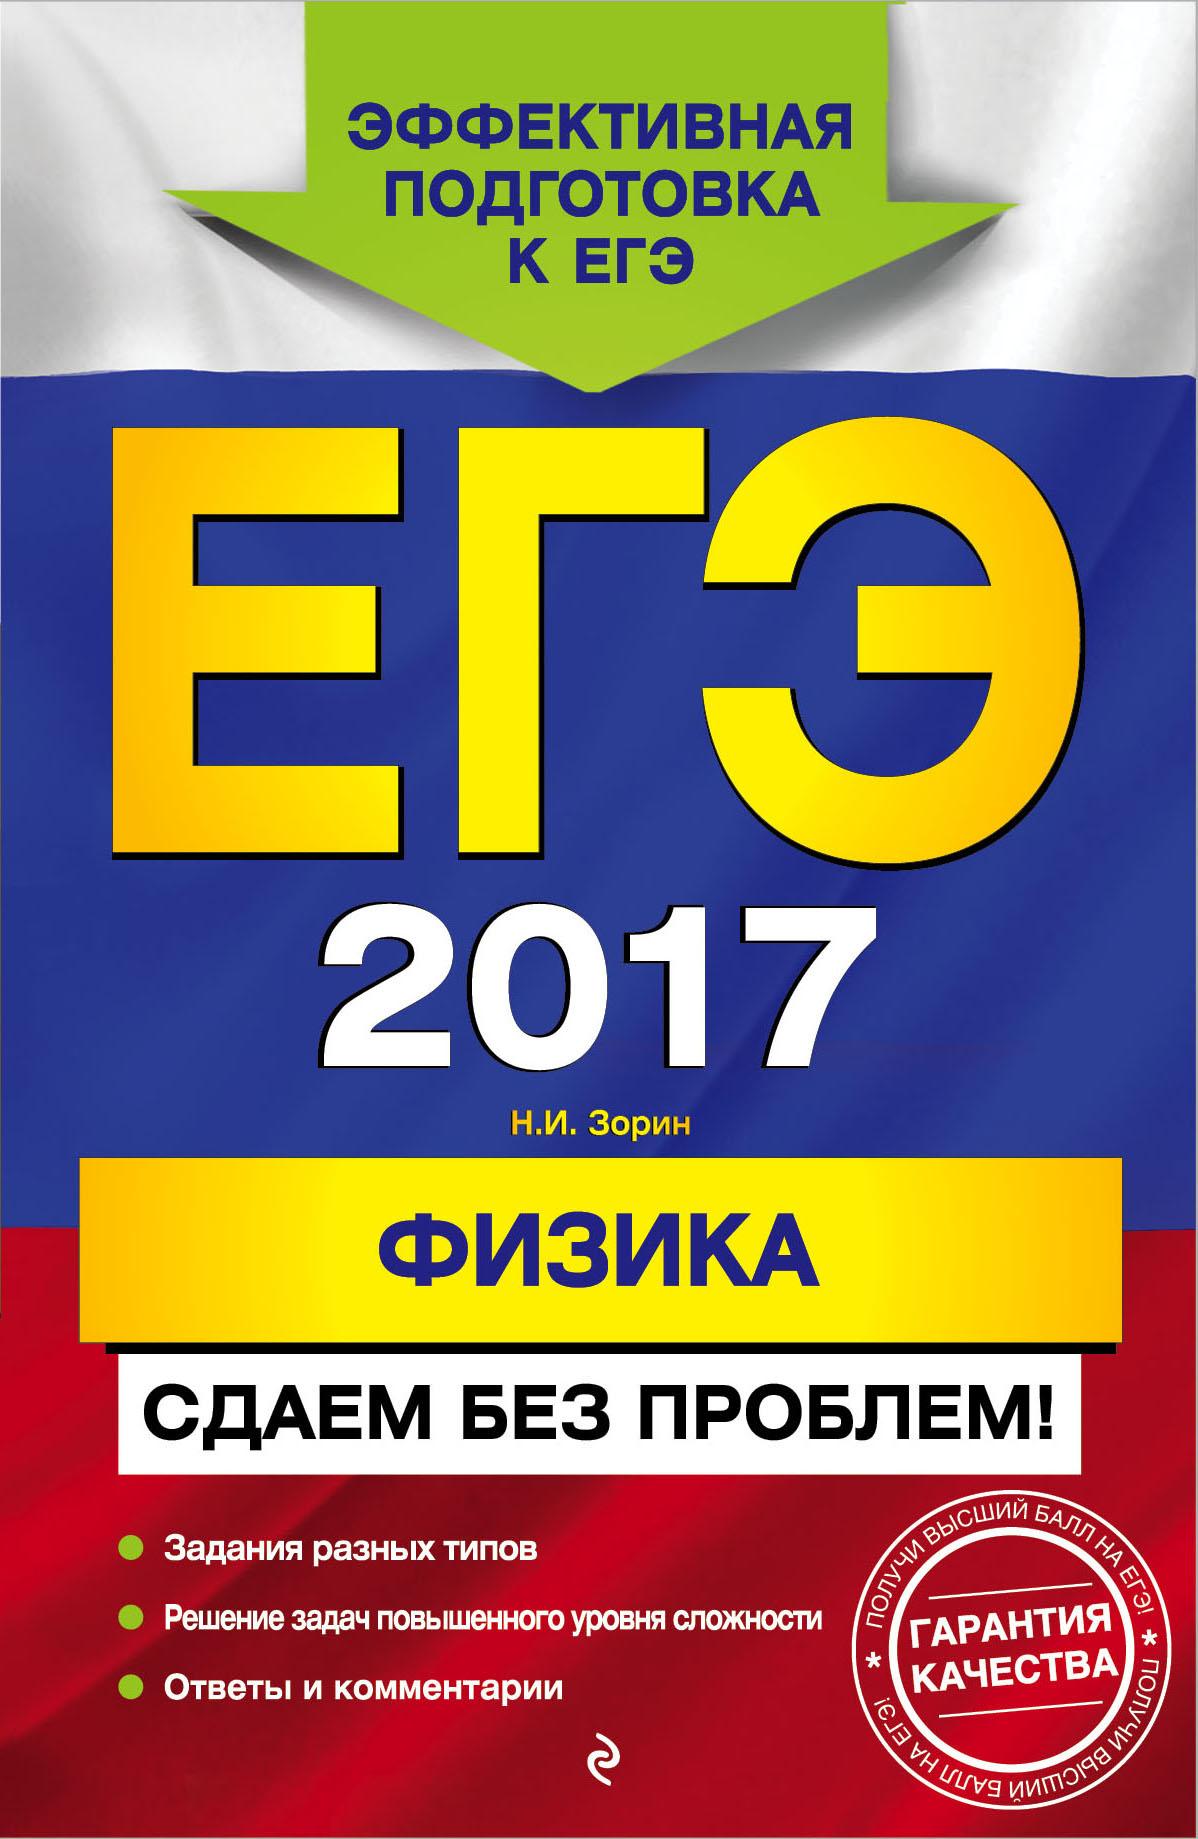 ЕГЭ-2017. Физика. Сдаем без проблем! от book24.ru